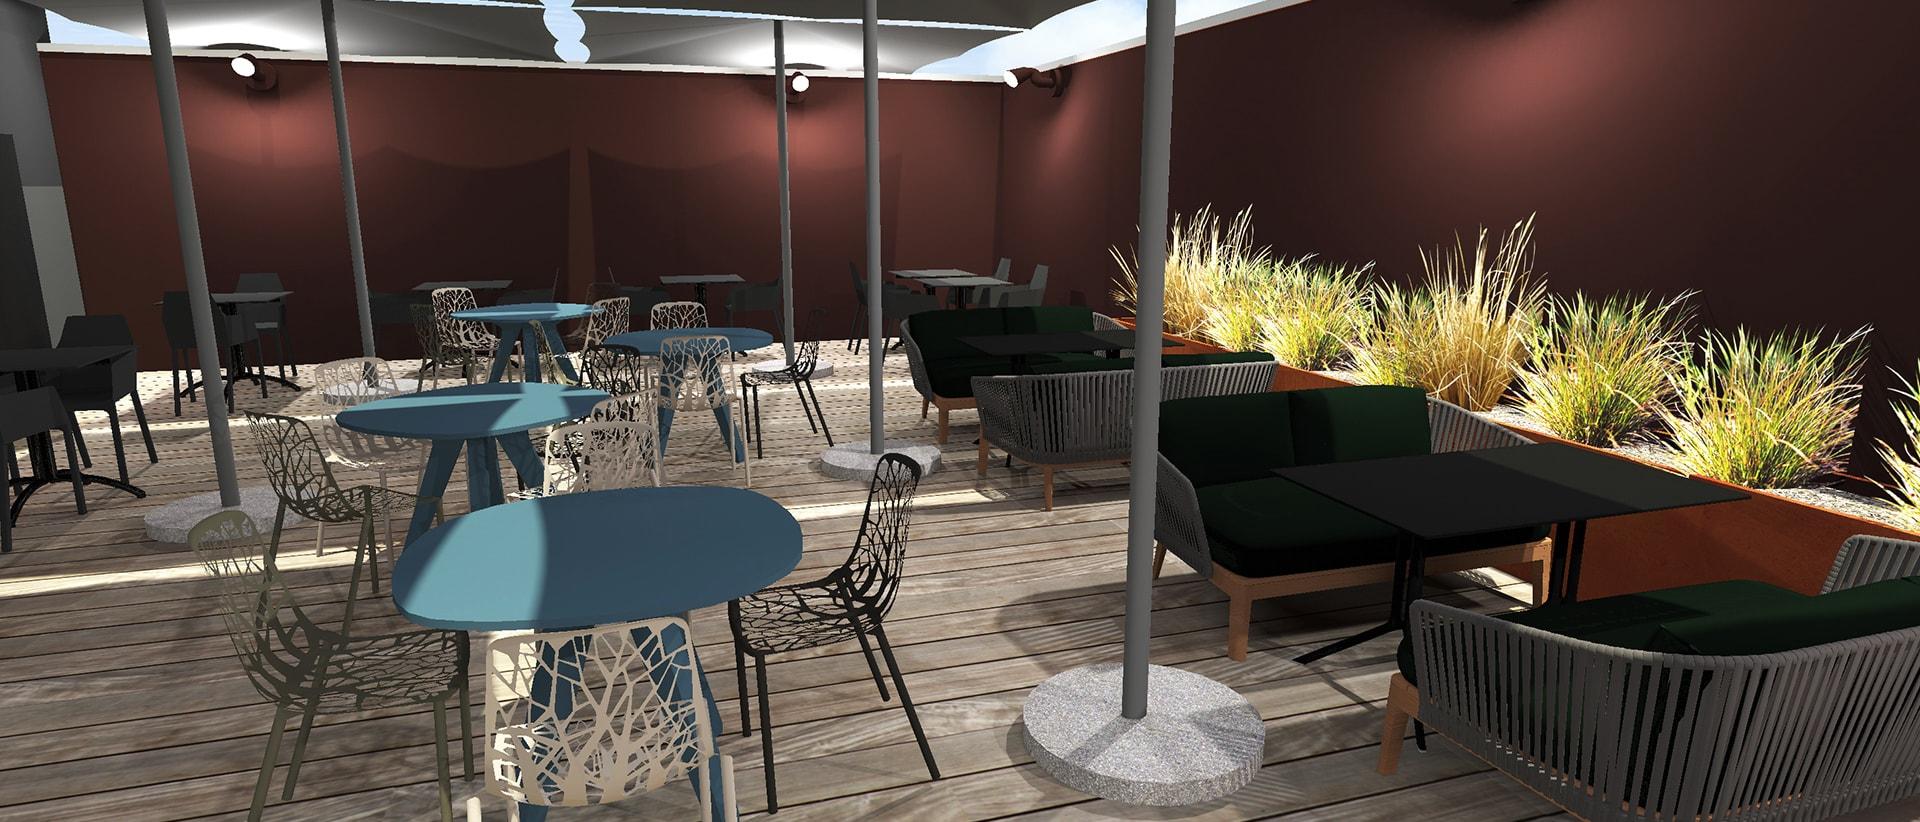 Réalisation d'une étude 3D pour un restaurant